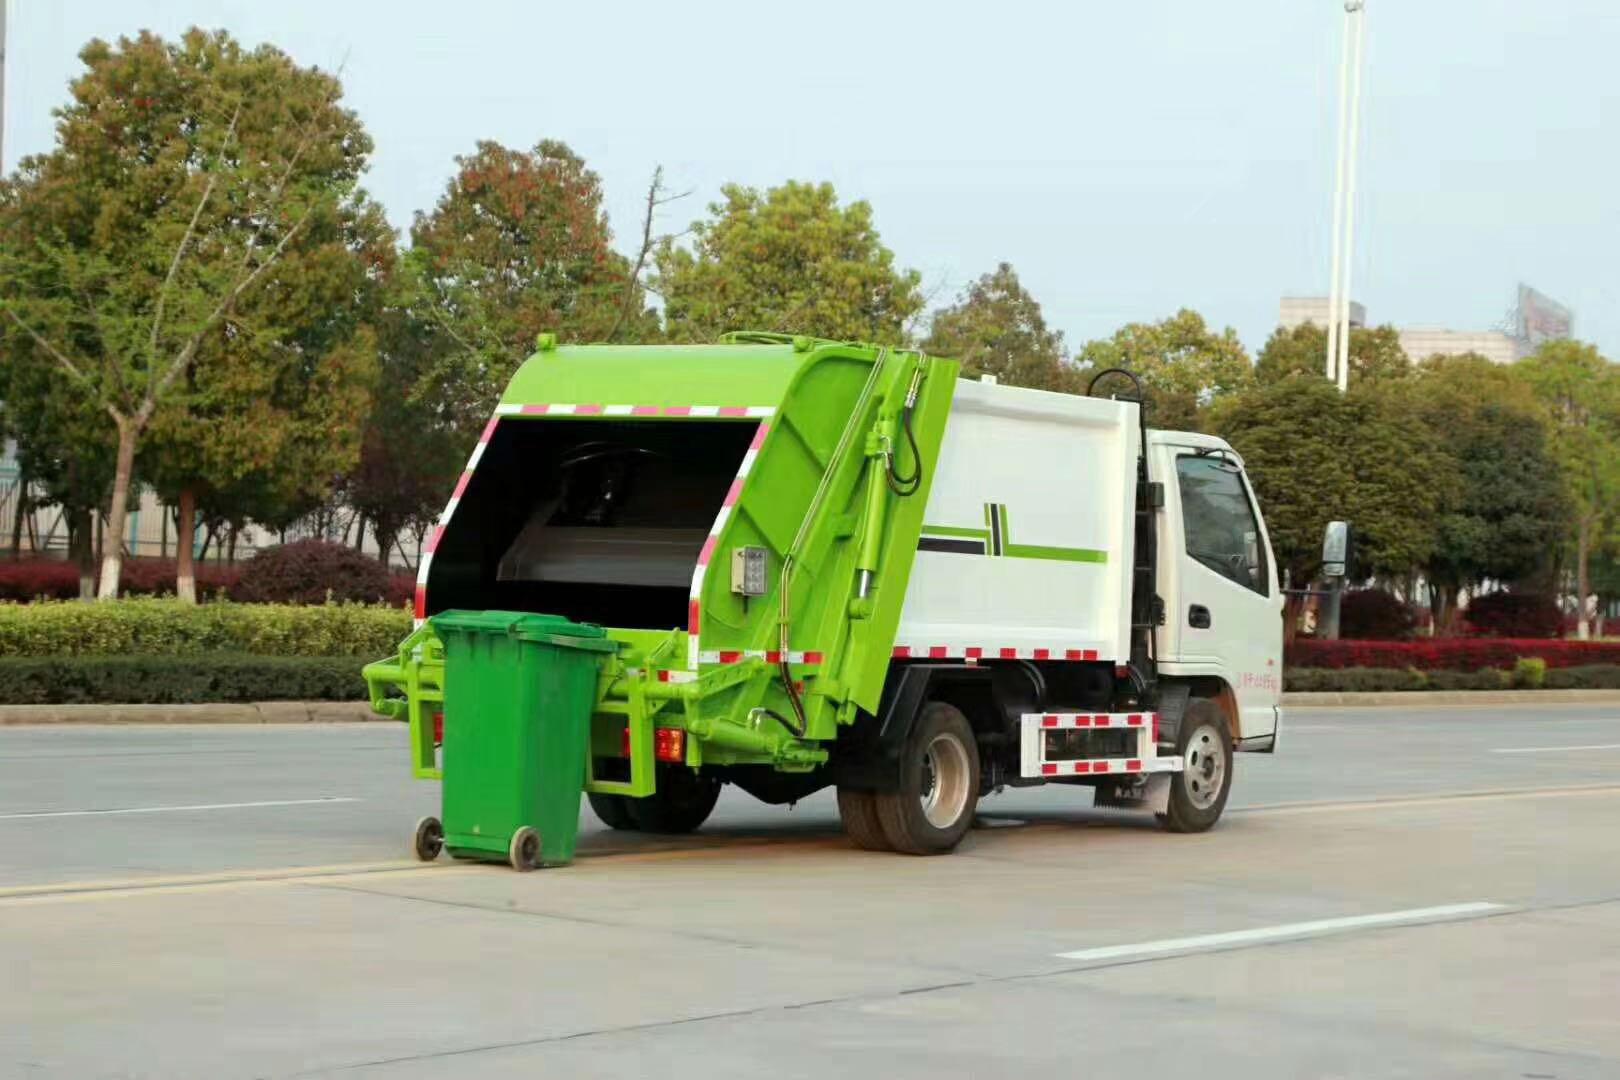 国五天锦14方压缩垃圾车,康机180马力,900钢丝胎,尾部翻转架,可以挂两个240L塑料桶